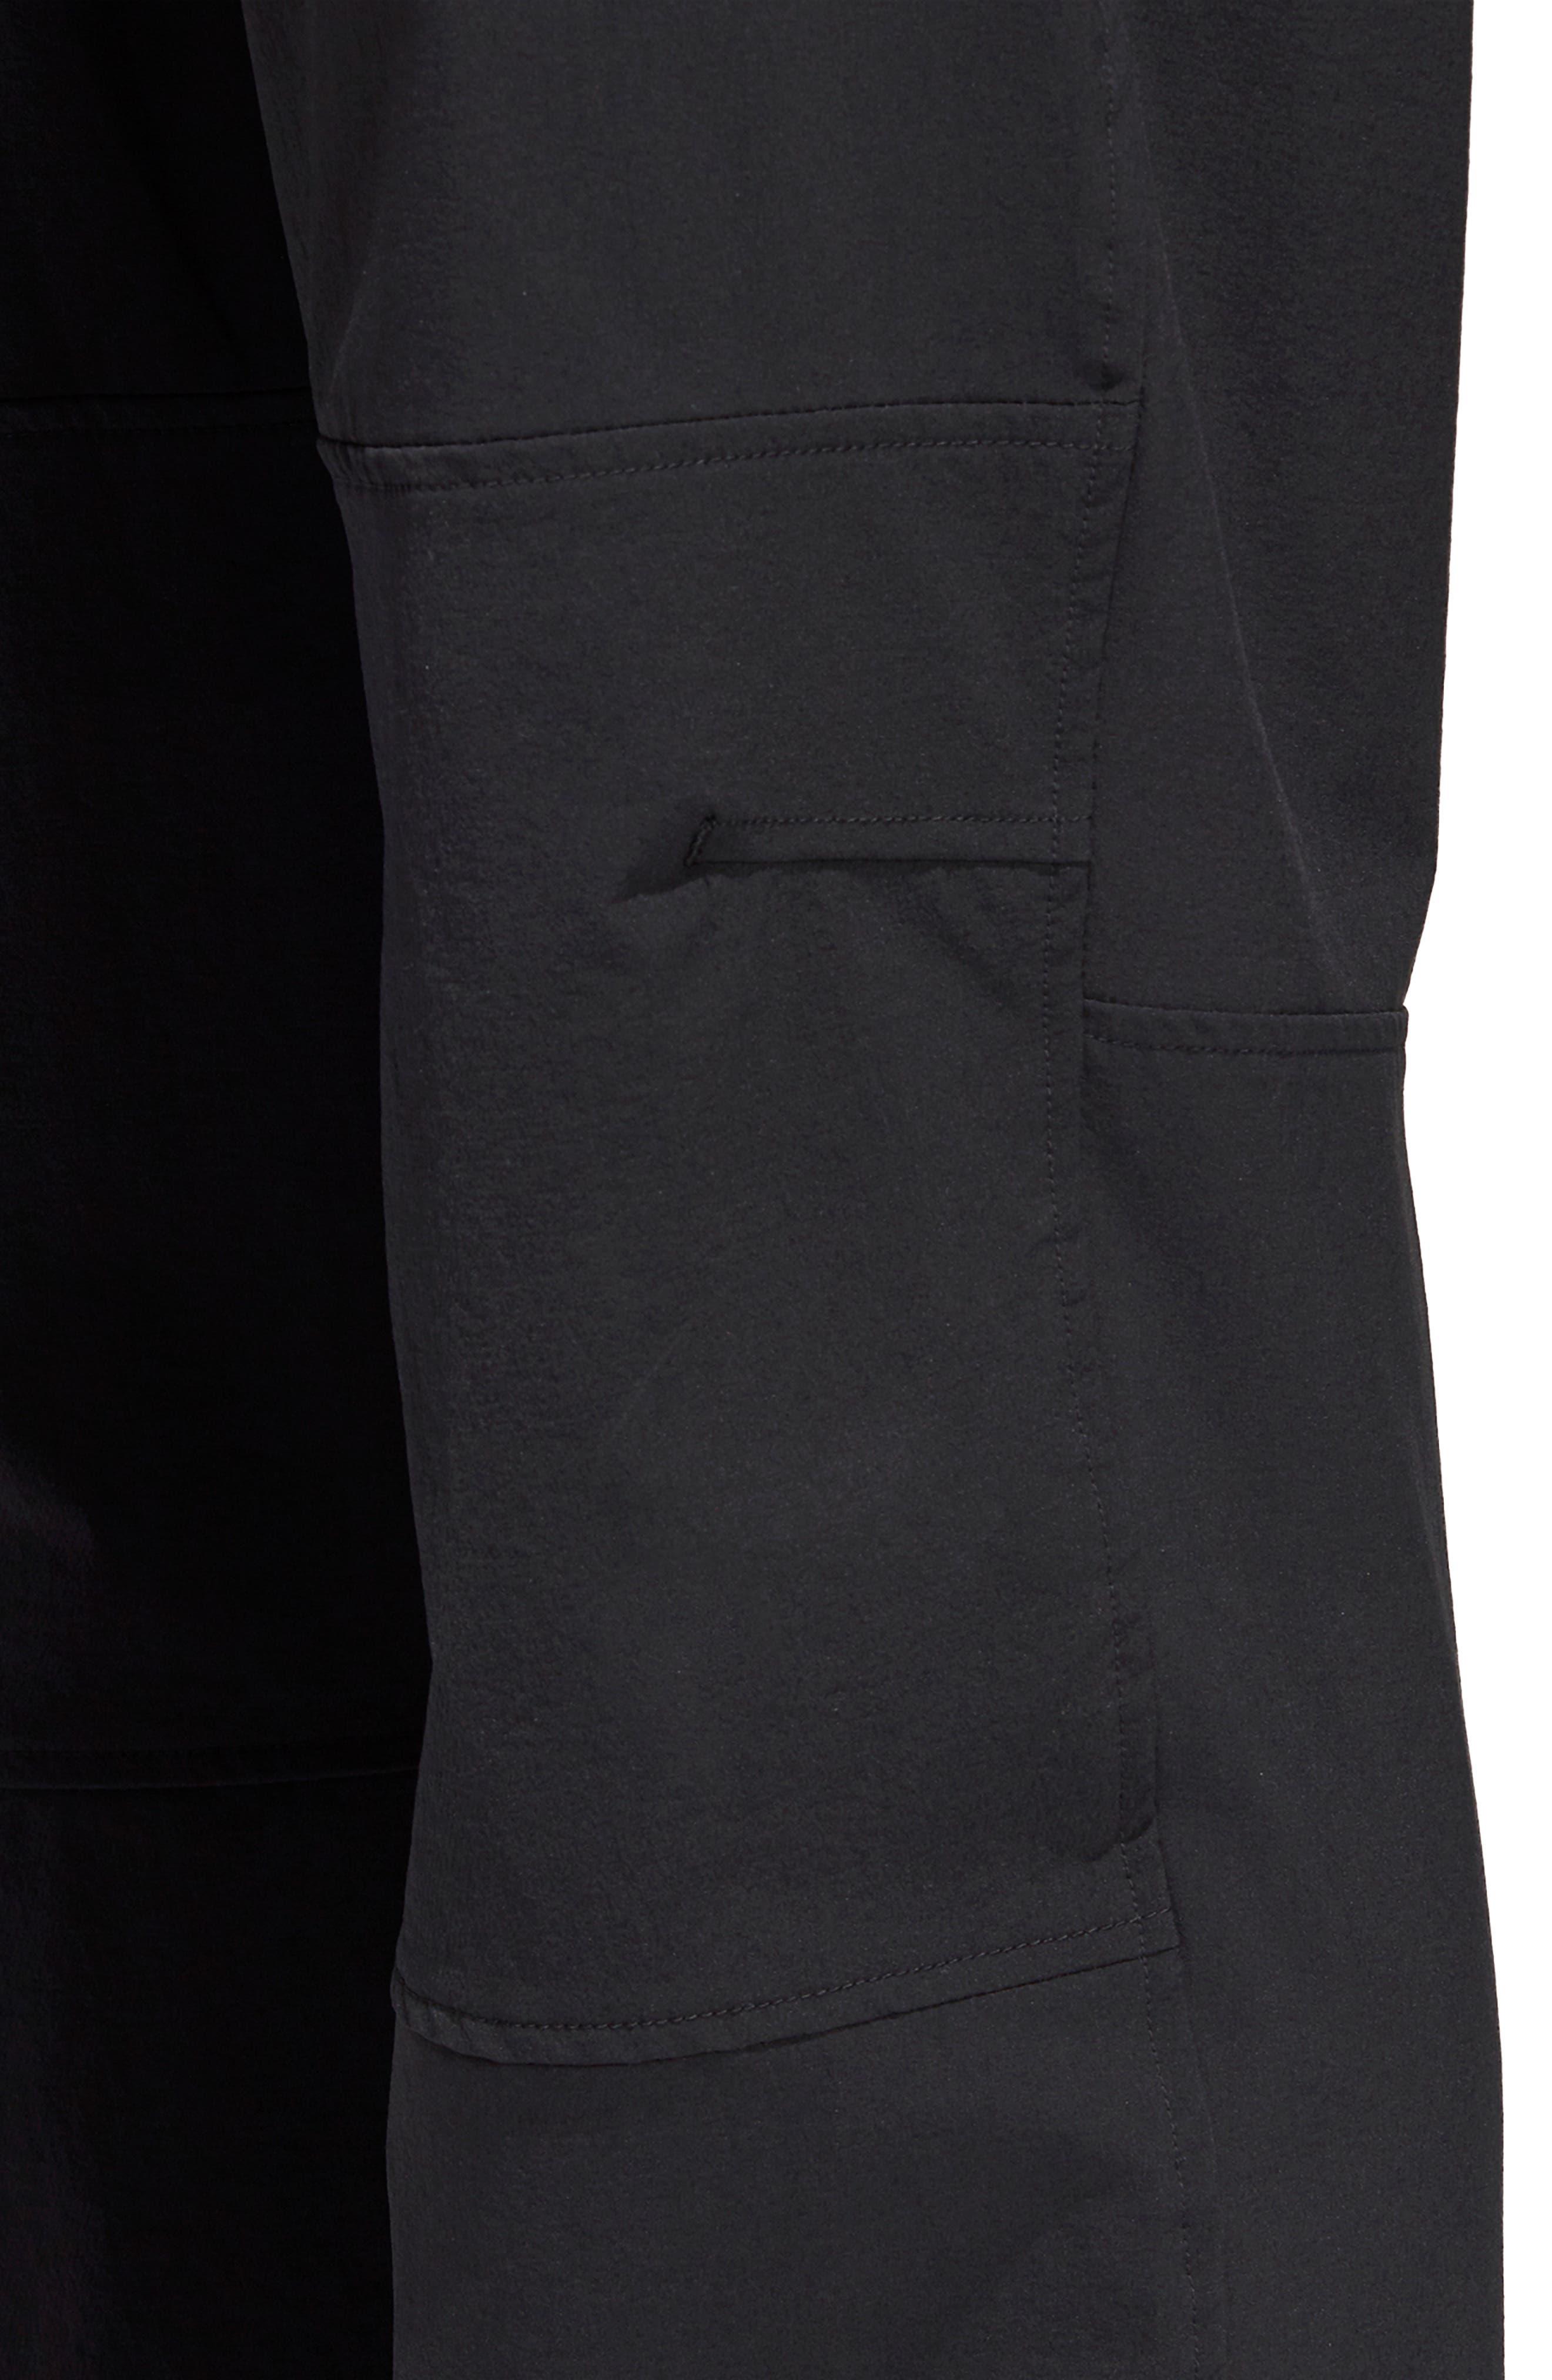 Terrex Multi Pants,                             Alternate thumbnail 7, color,                             BLACK